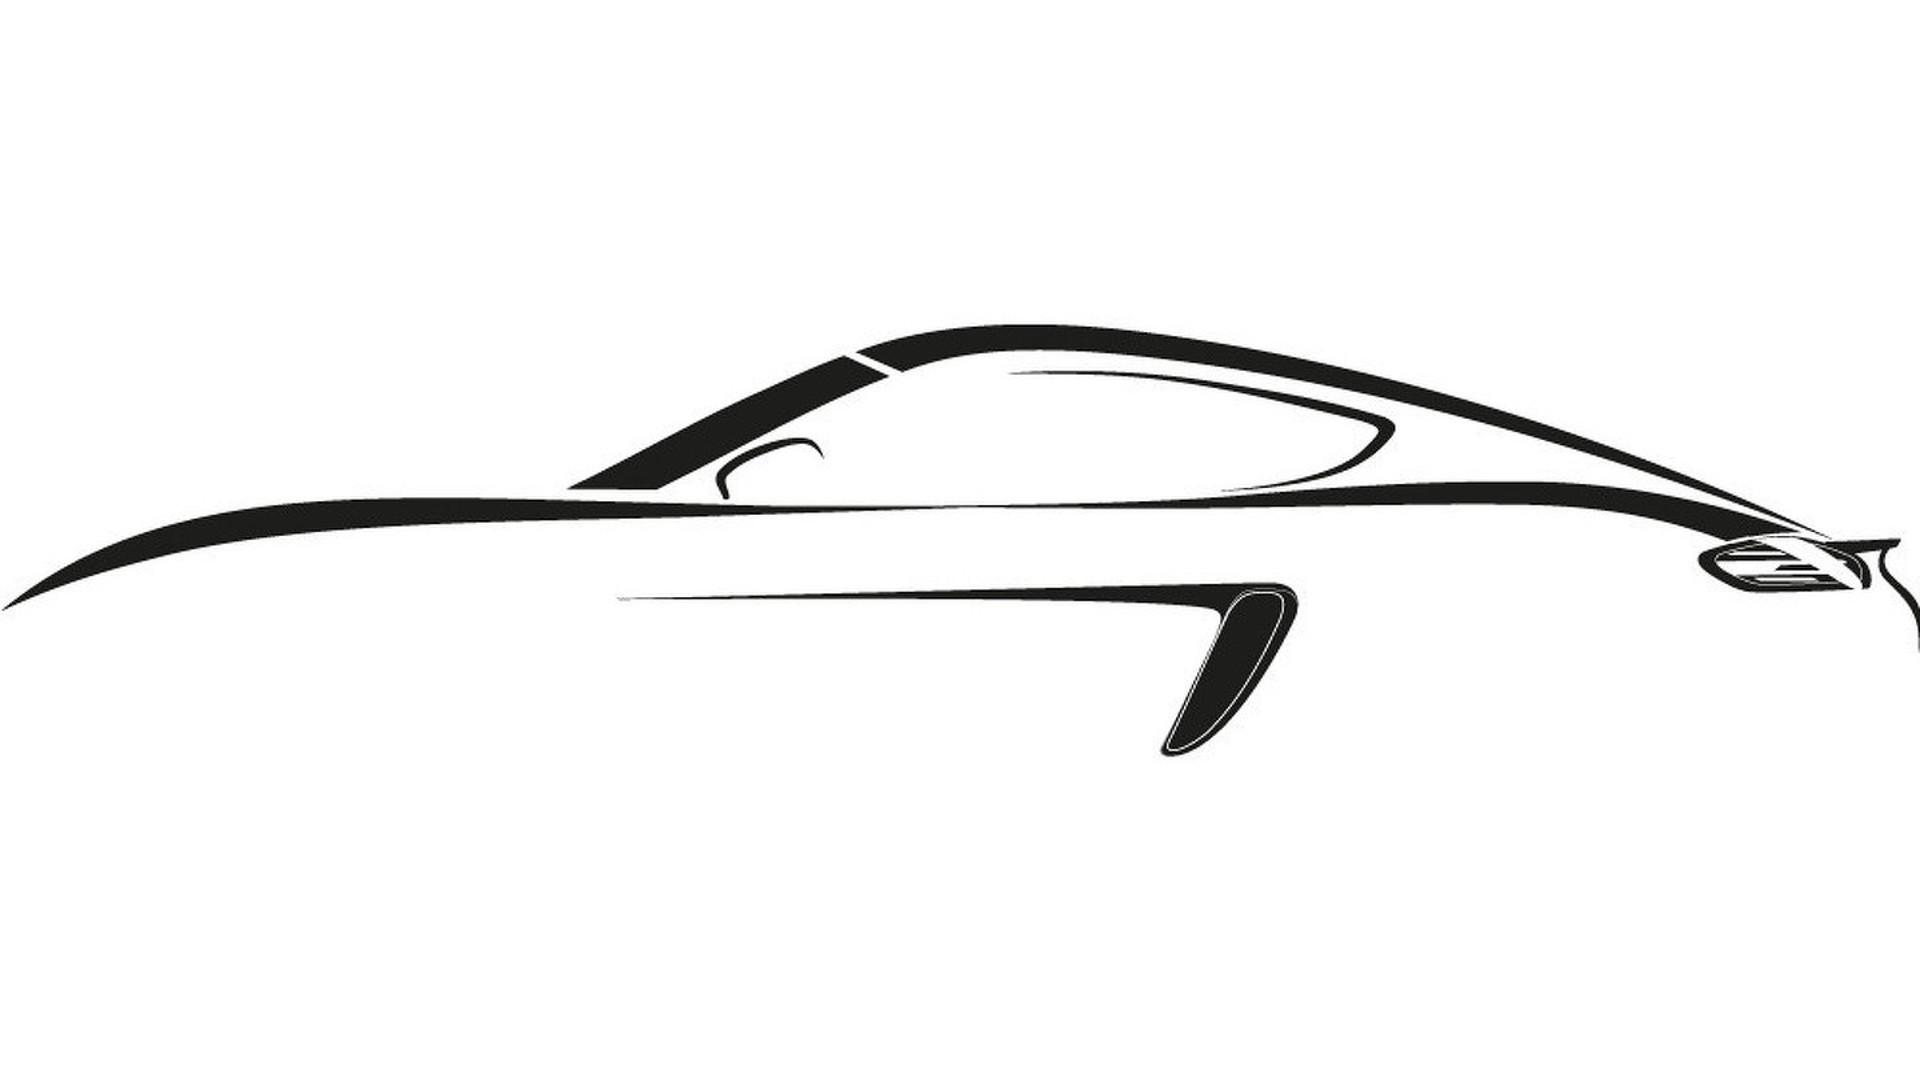 Porsche 718 Boxster Amp Cayman Announced